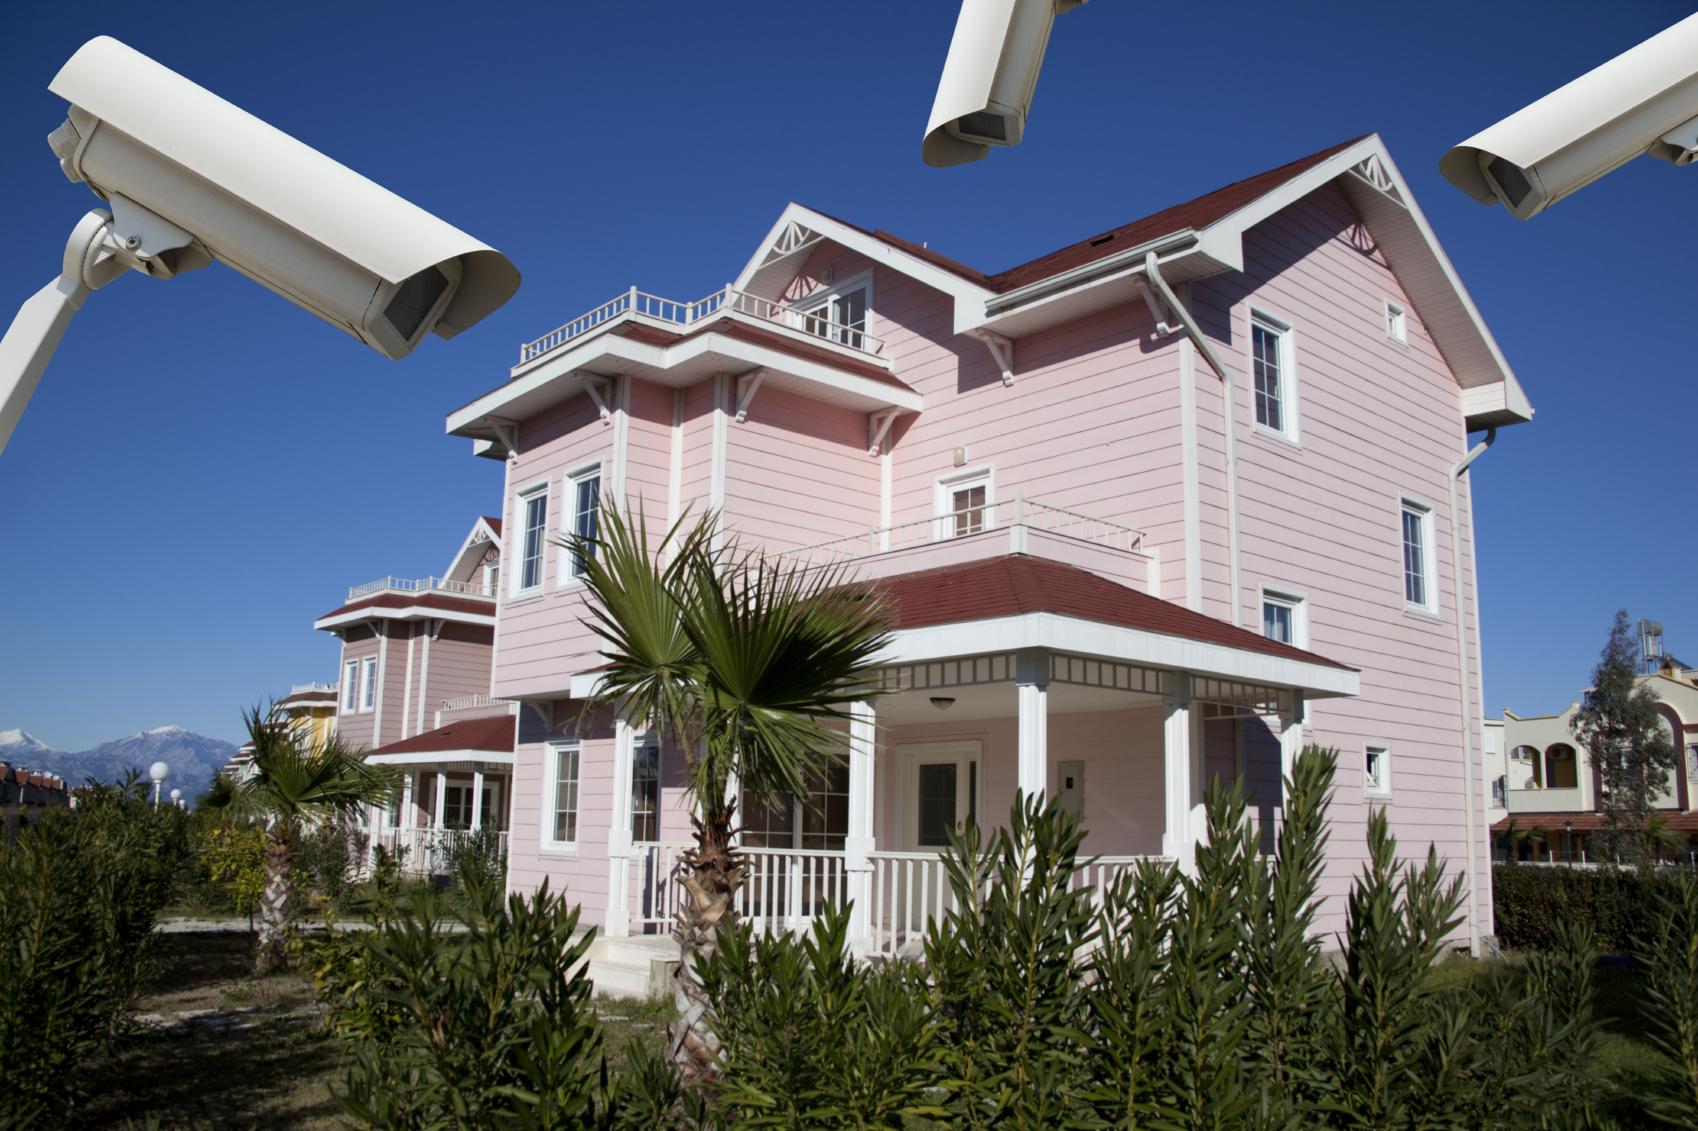 Comprar una casa y usar el buscador seguros para protegerla